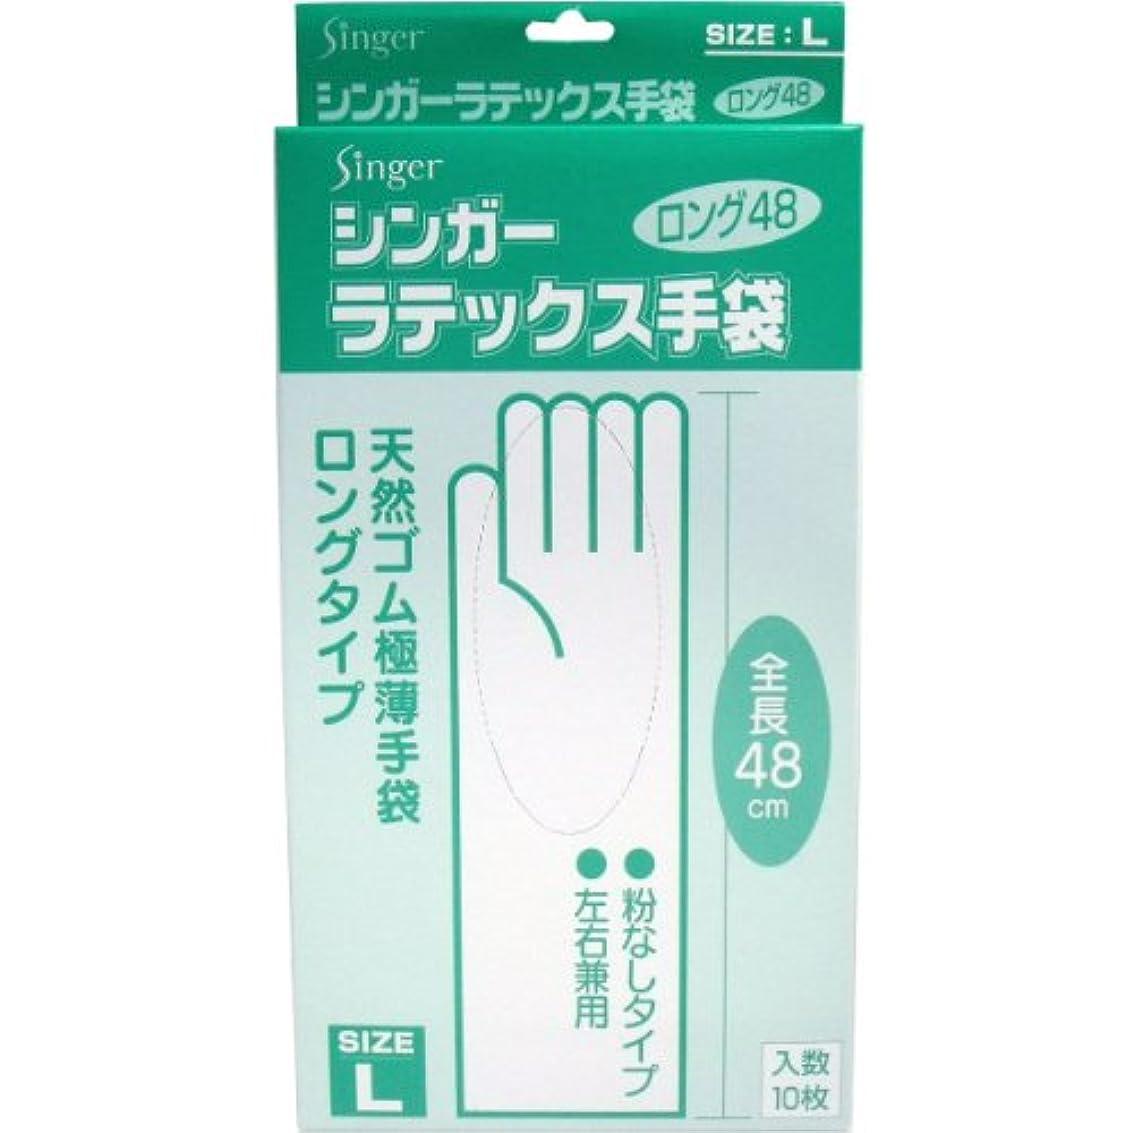 注ぎます考古学的な廃棄するシンガーラテックス手袋 天然ゴム極薄手袋 ロングタイプ Lサイズ 10枚入「4点セット」